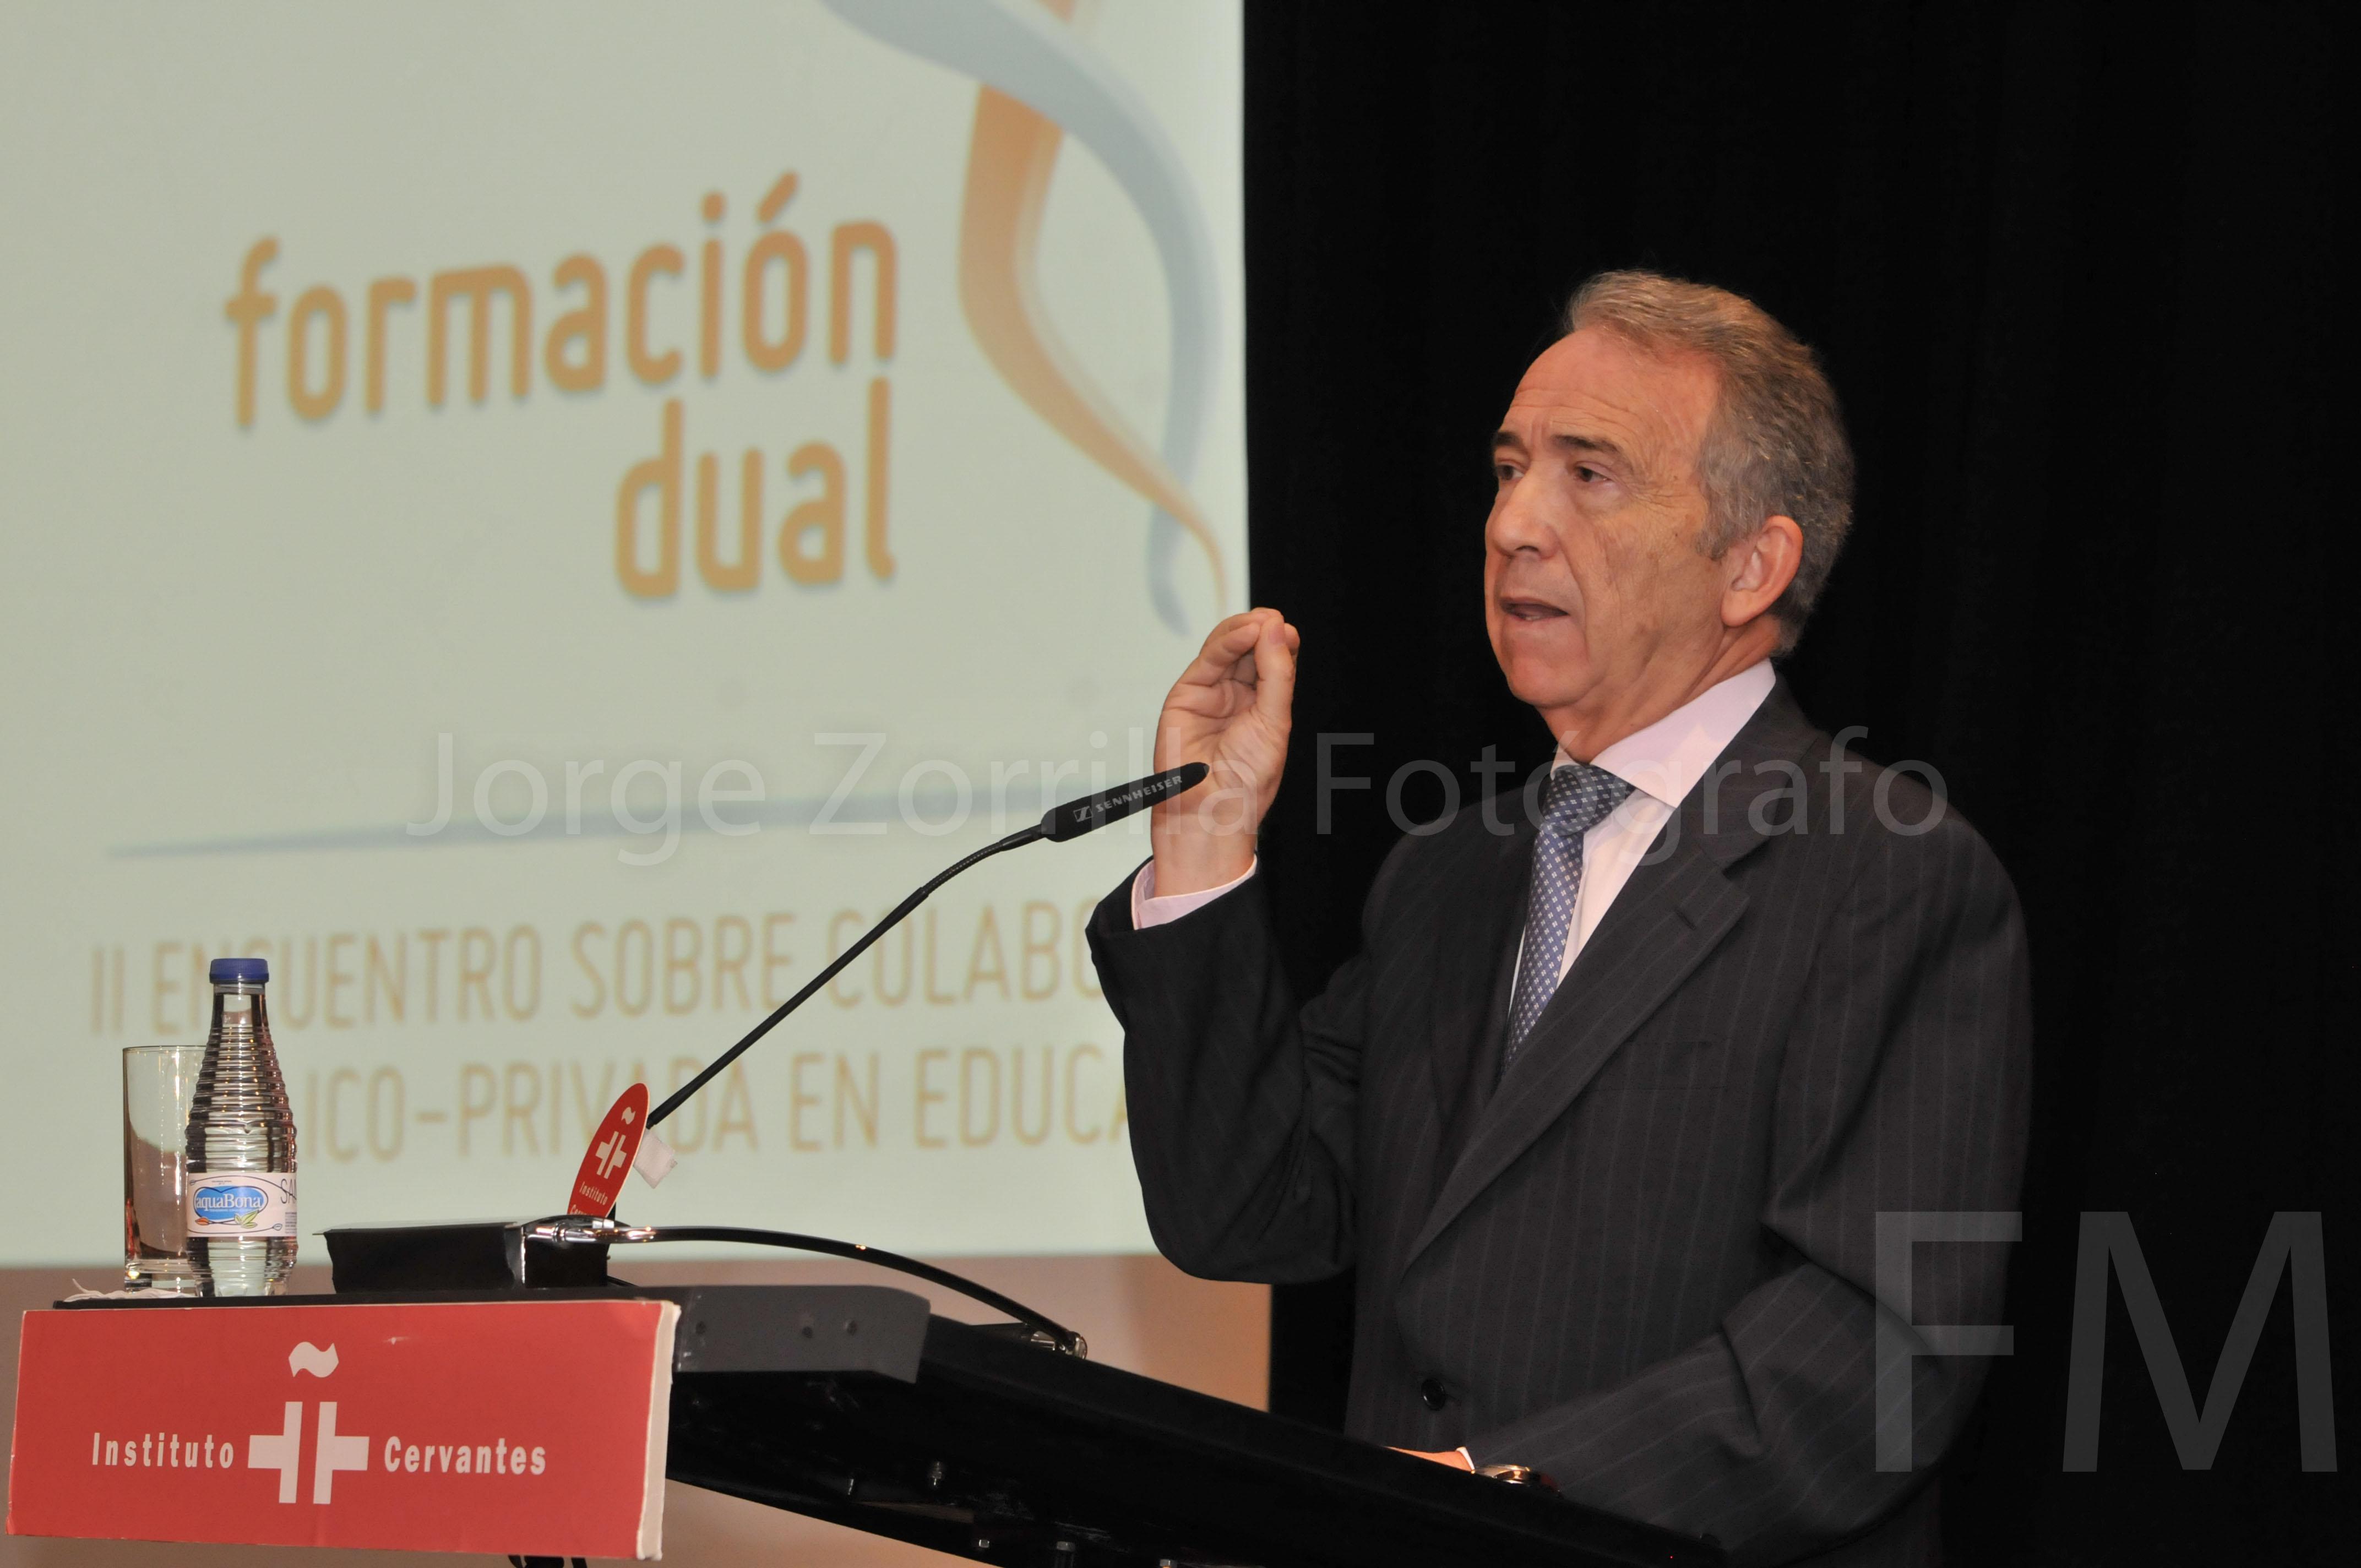 Fotografía Evento Formación Dual Madrid © Jorge Zorrilla Fotógrafo Madrid